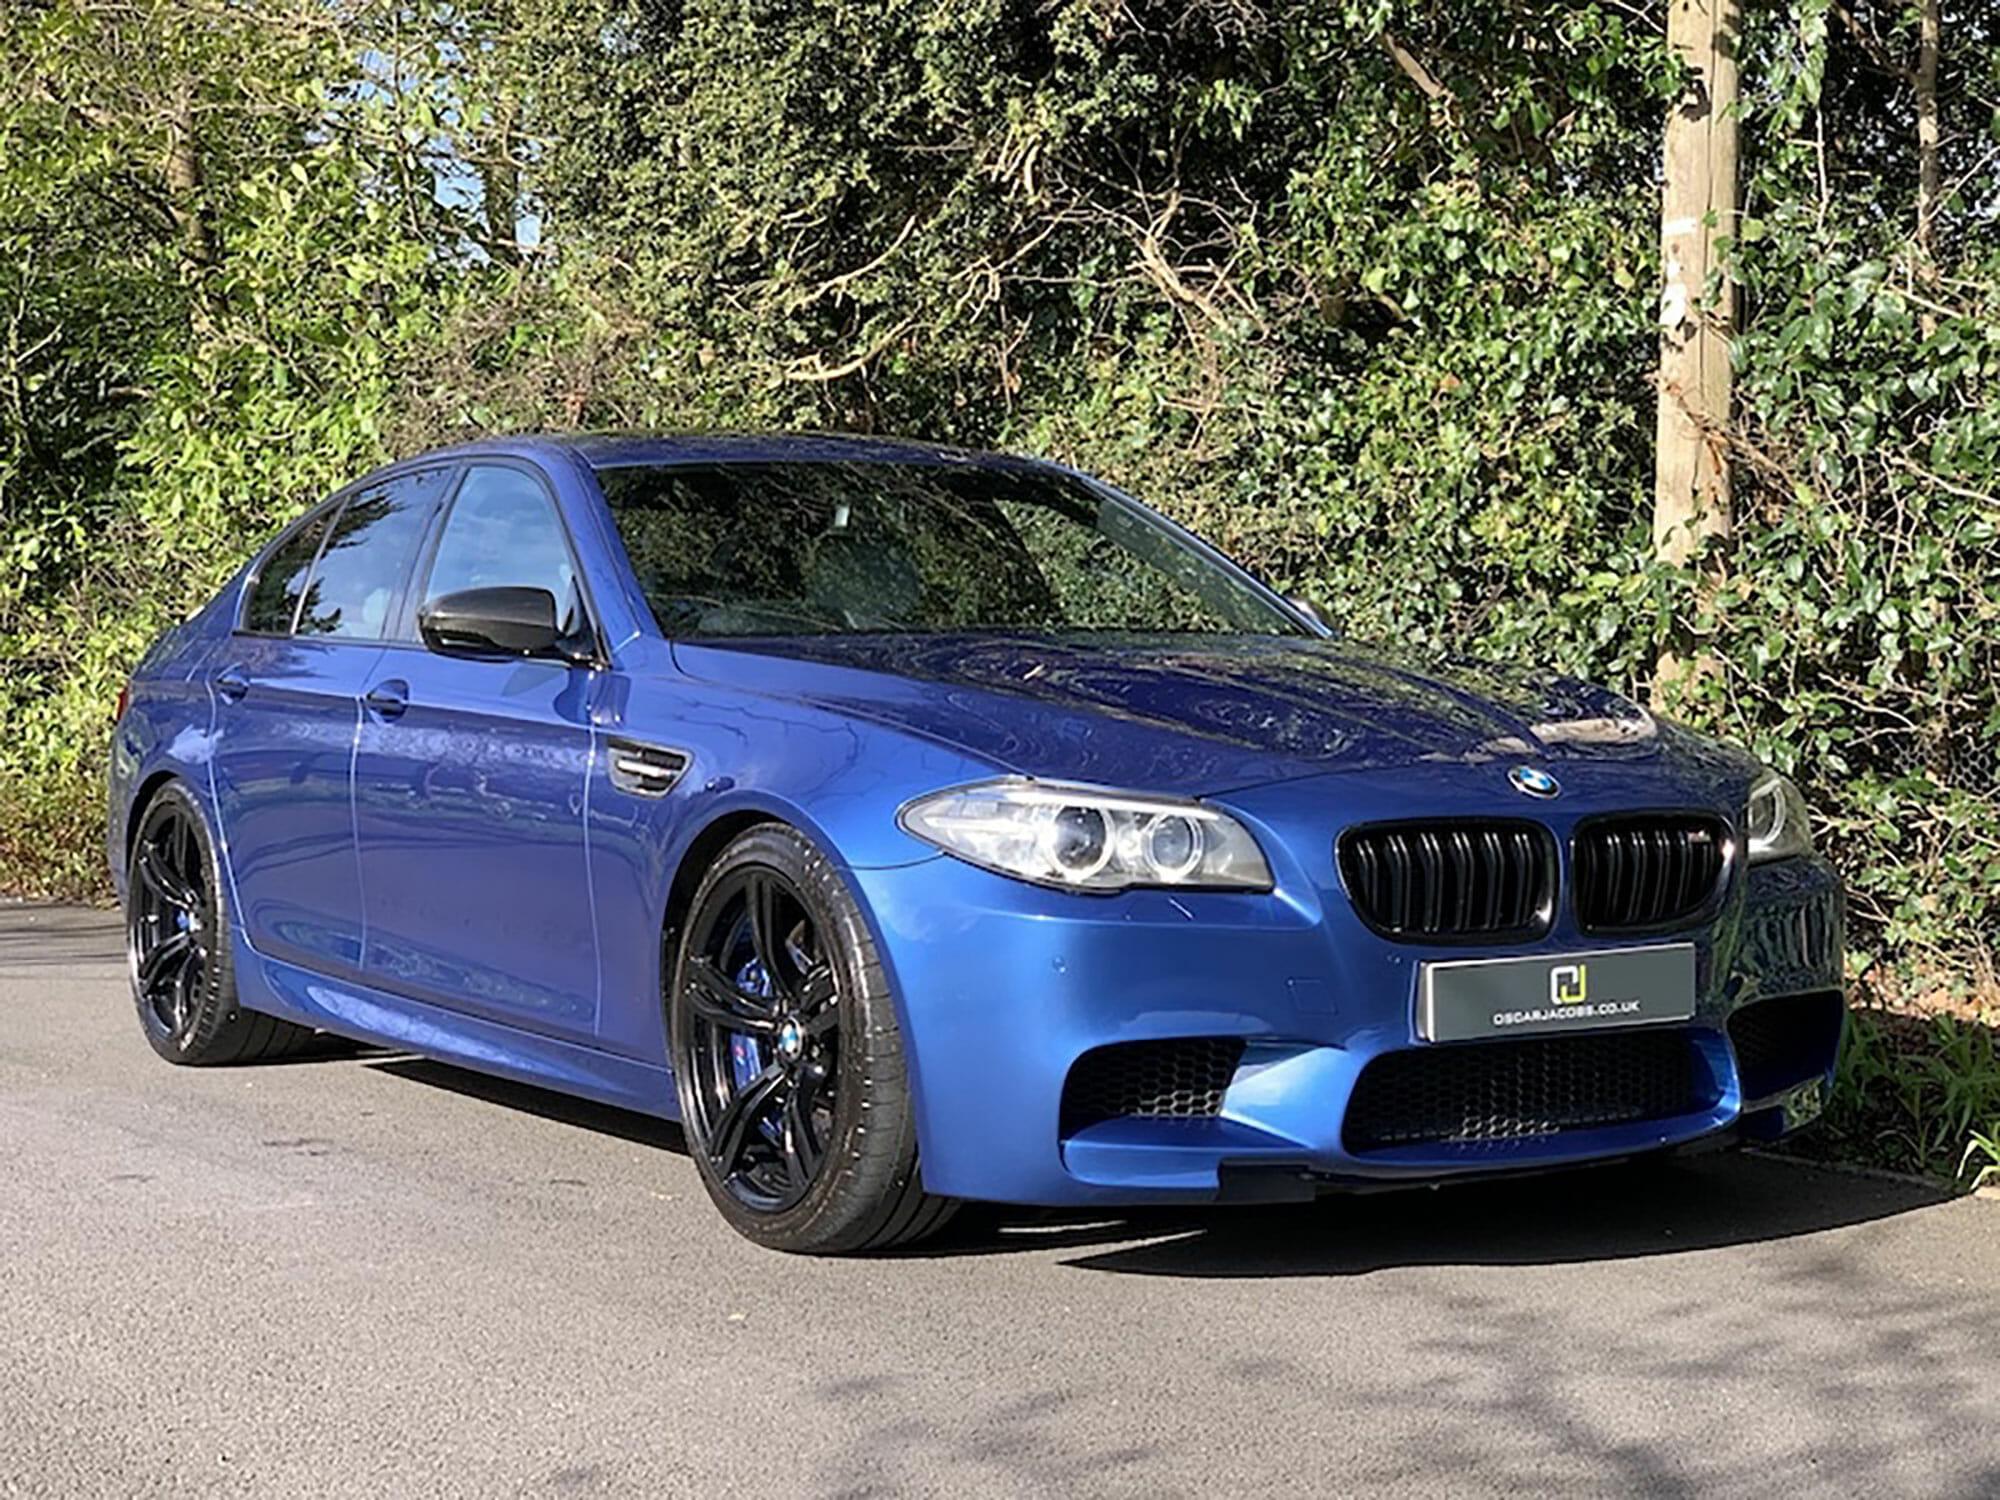 BMW M5 2014 facelift